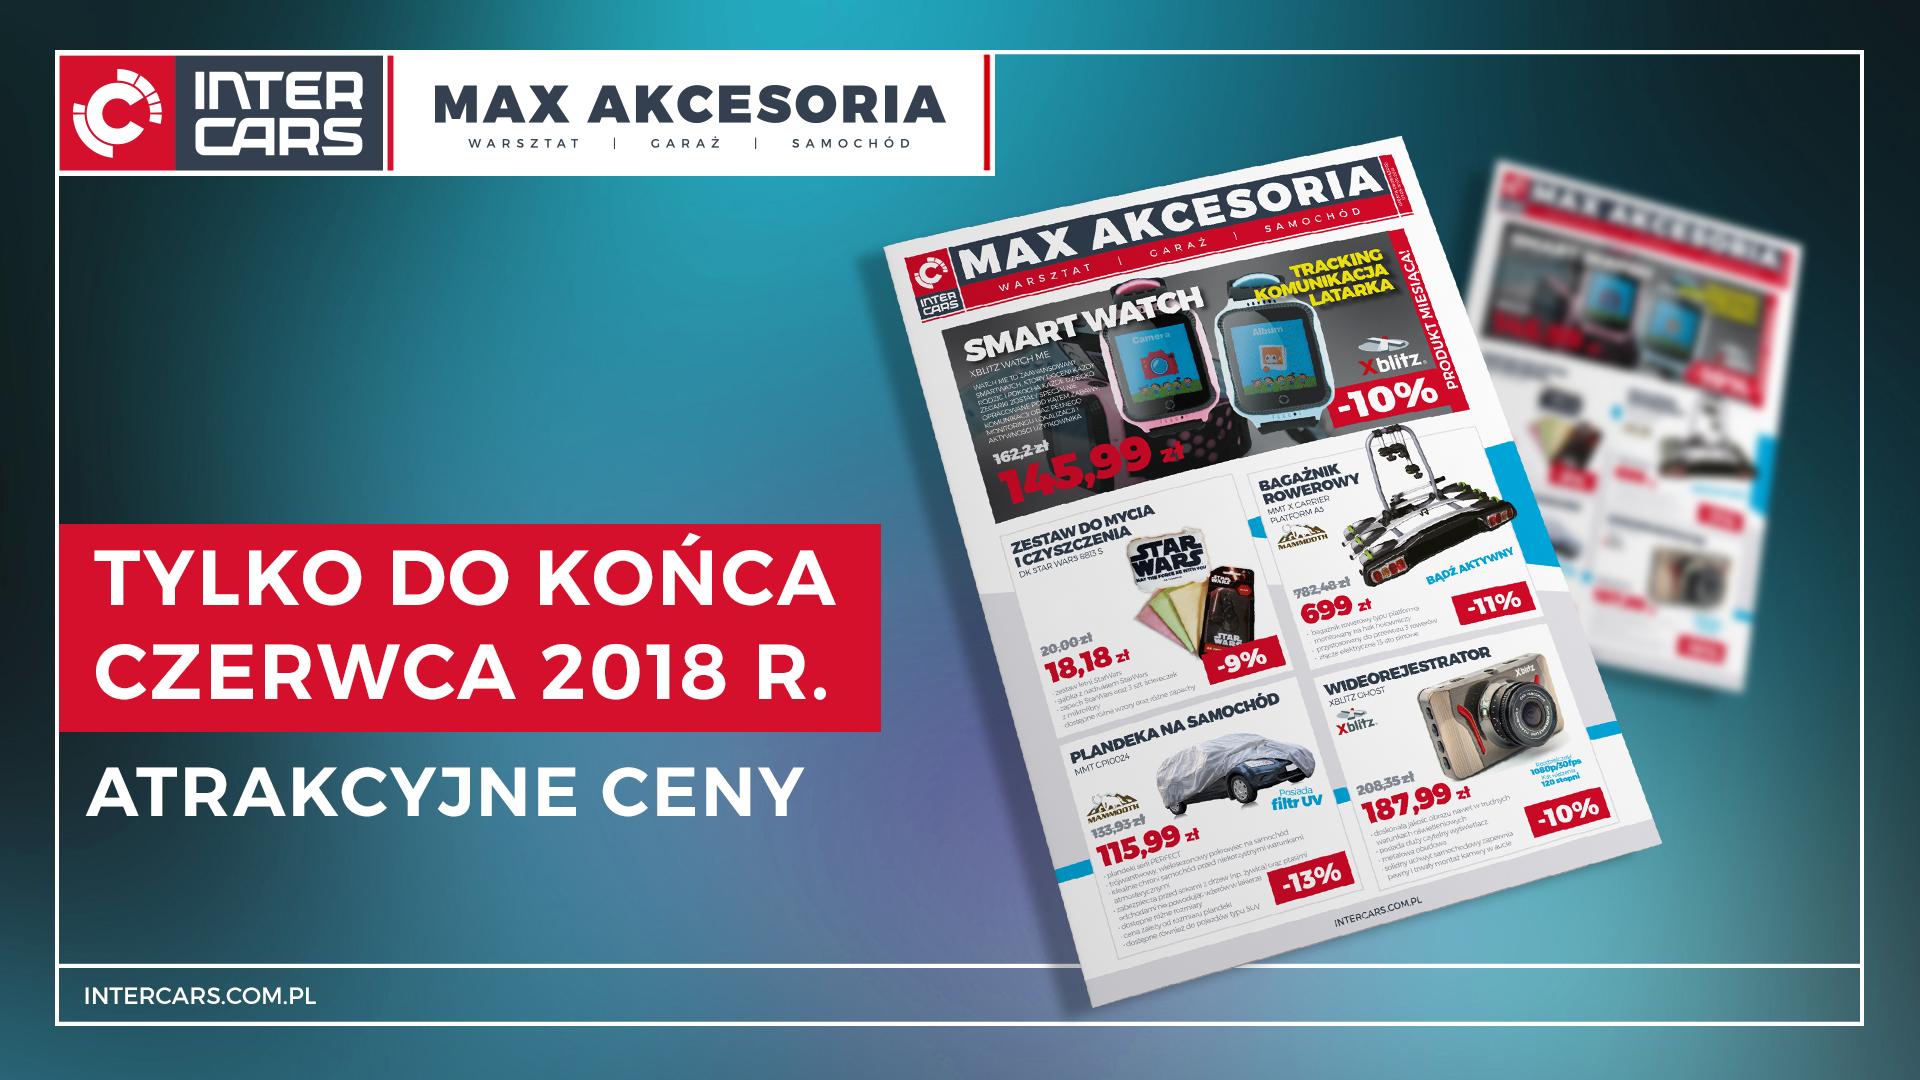 max_akcesoria_1920x1080_maj.jpg